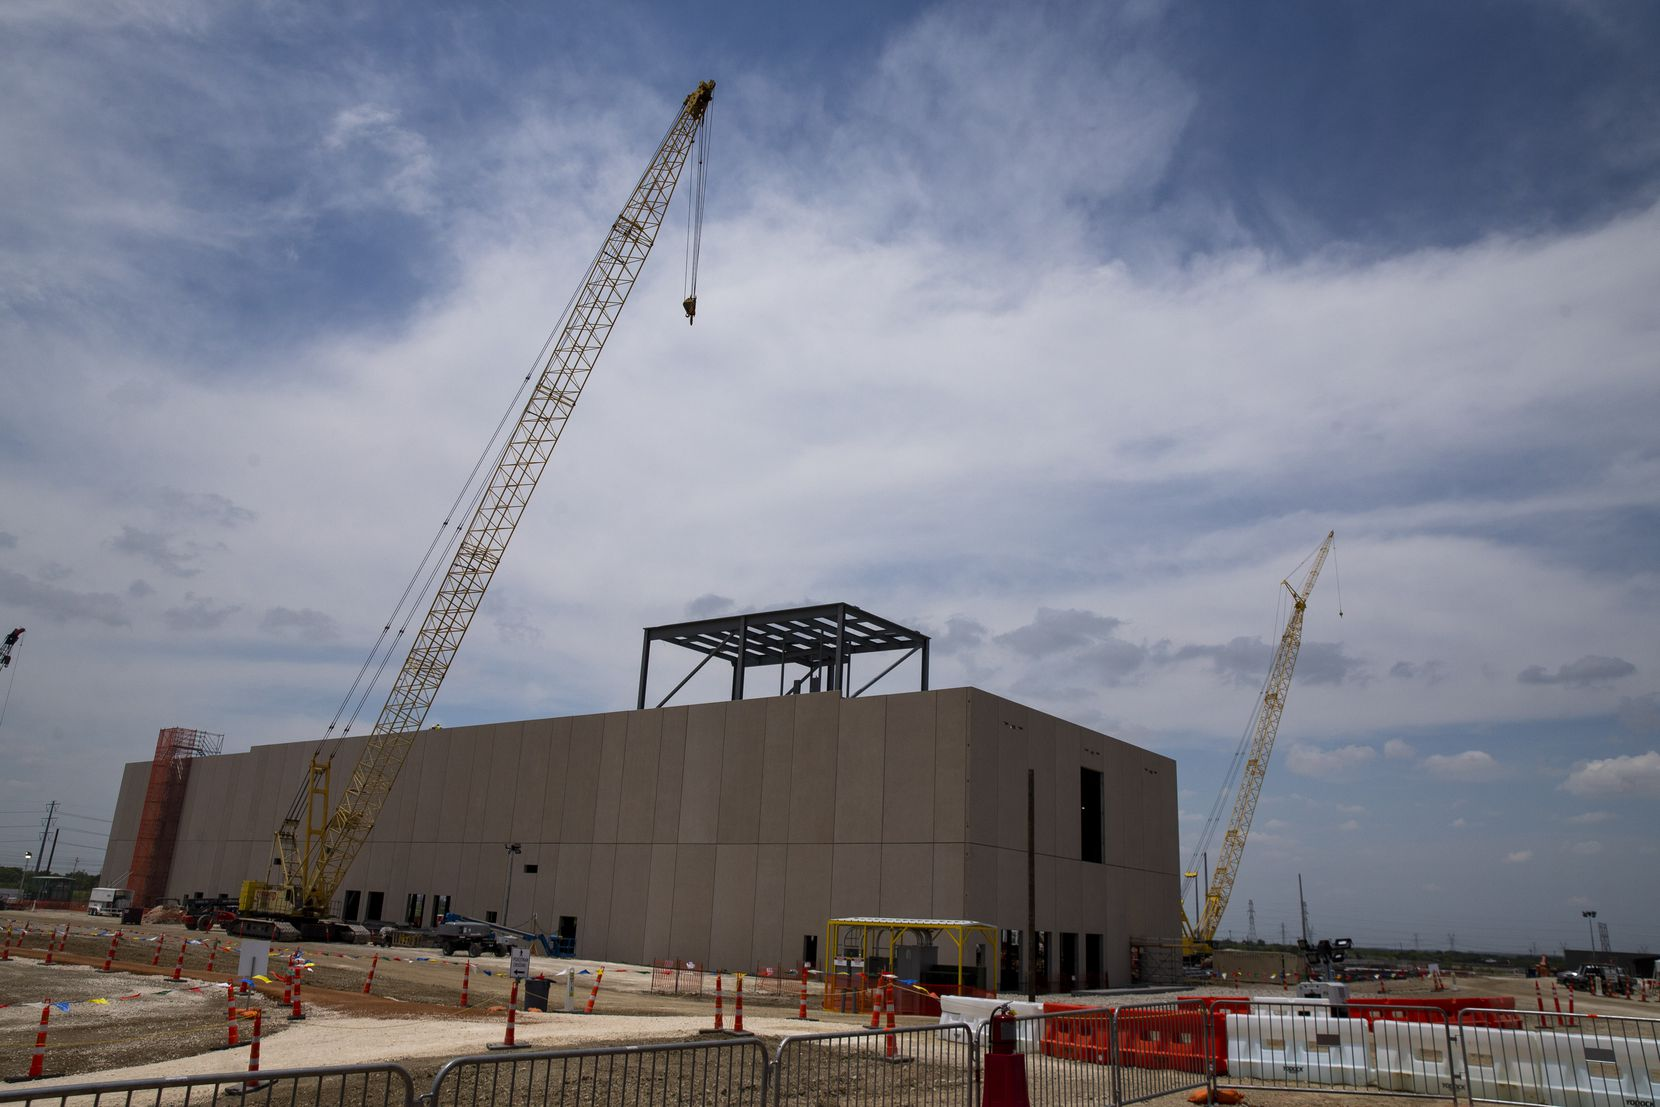 Construction on Google's new data center in Midlothian.